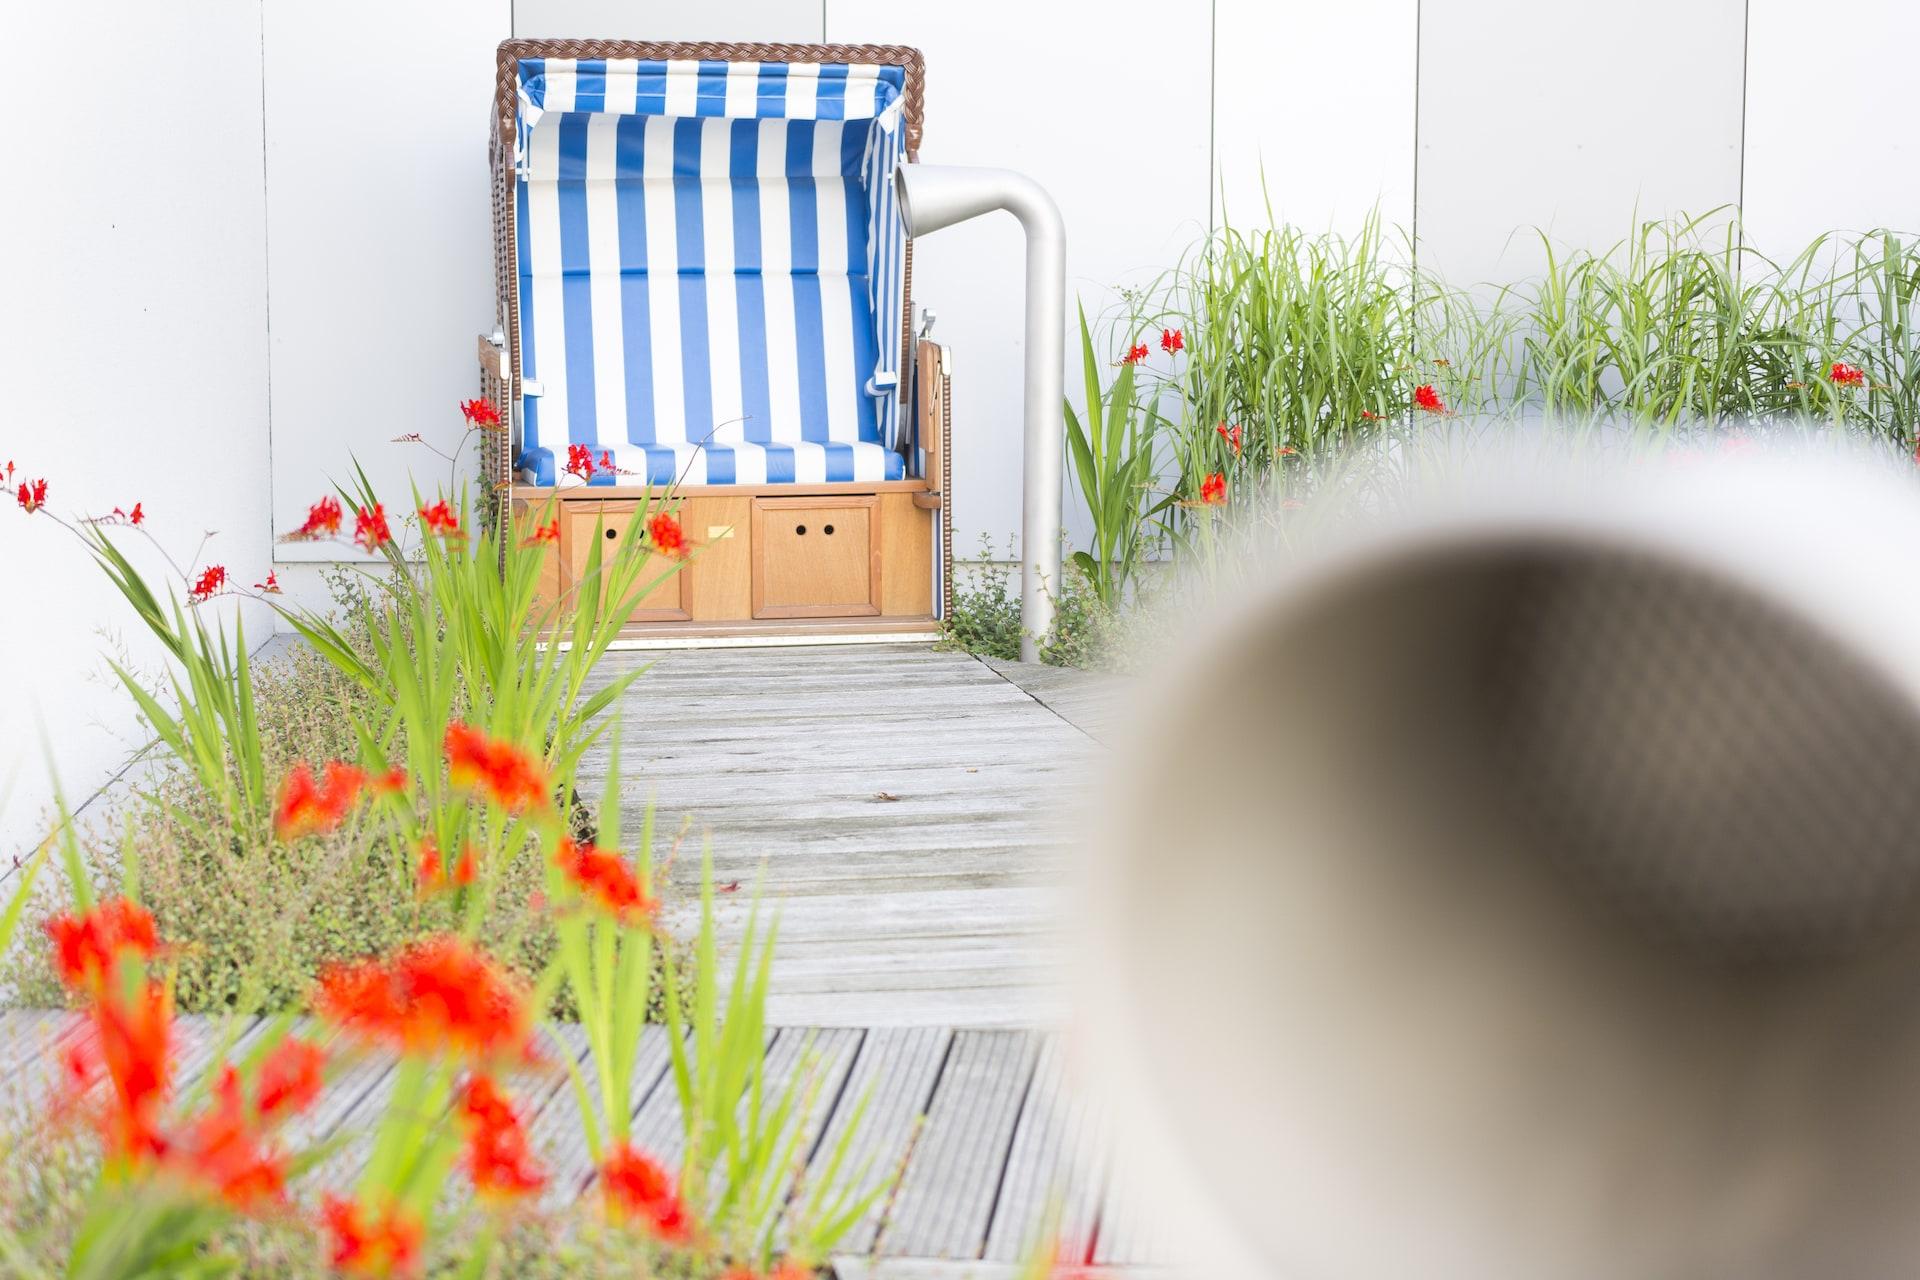 Hof der Ruhe, Strandkorb mit Röhrentelefon